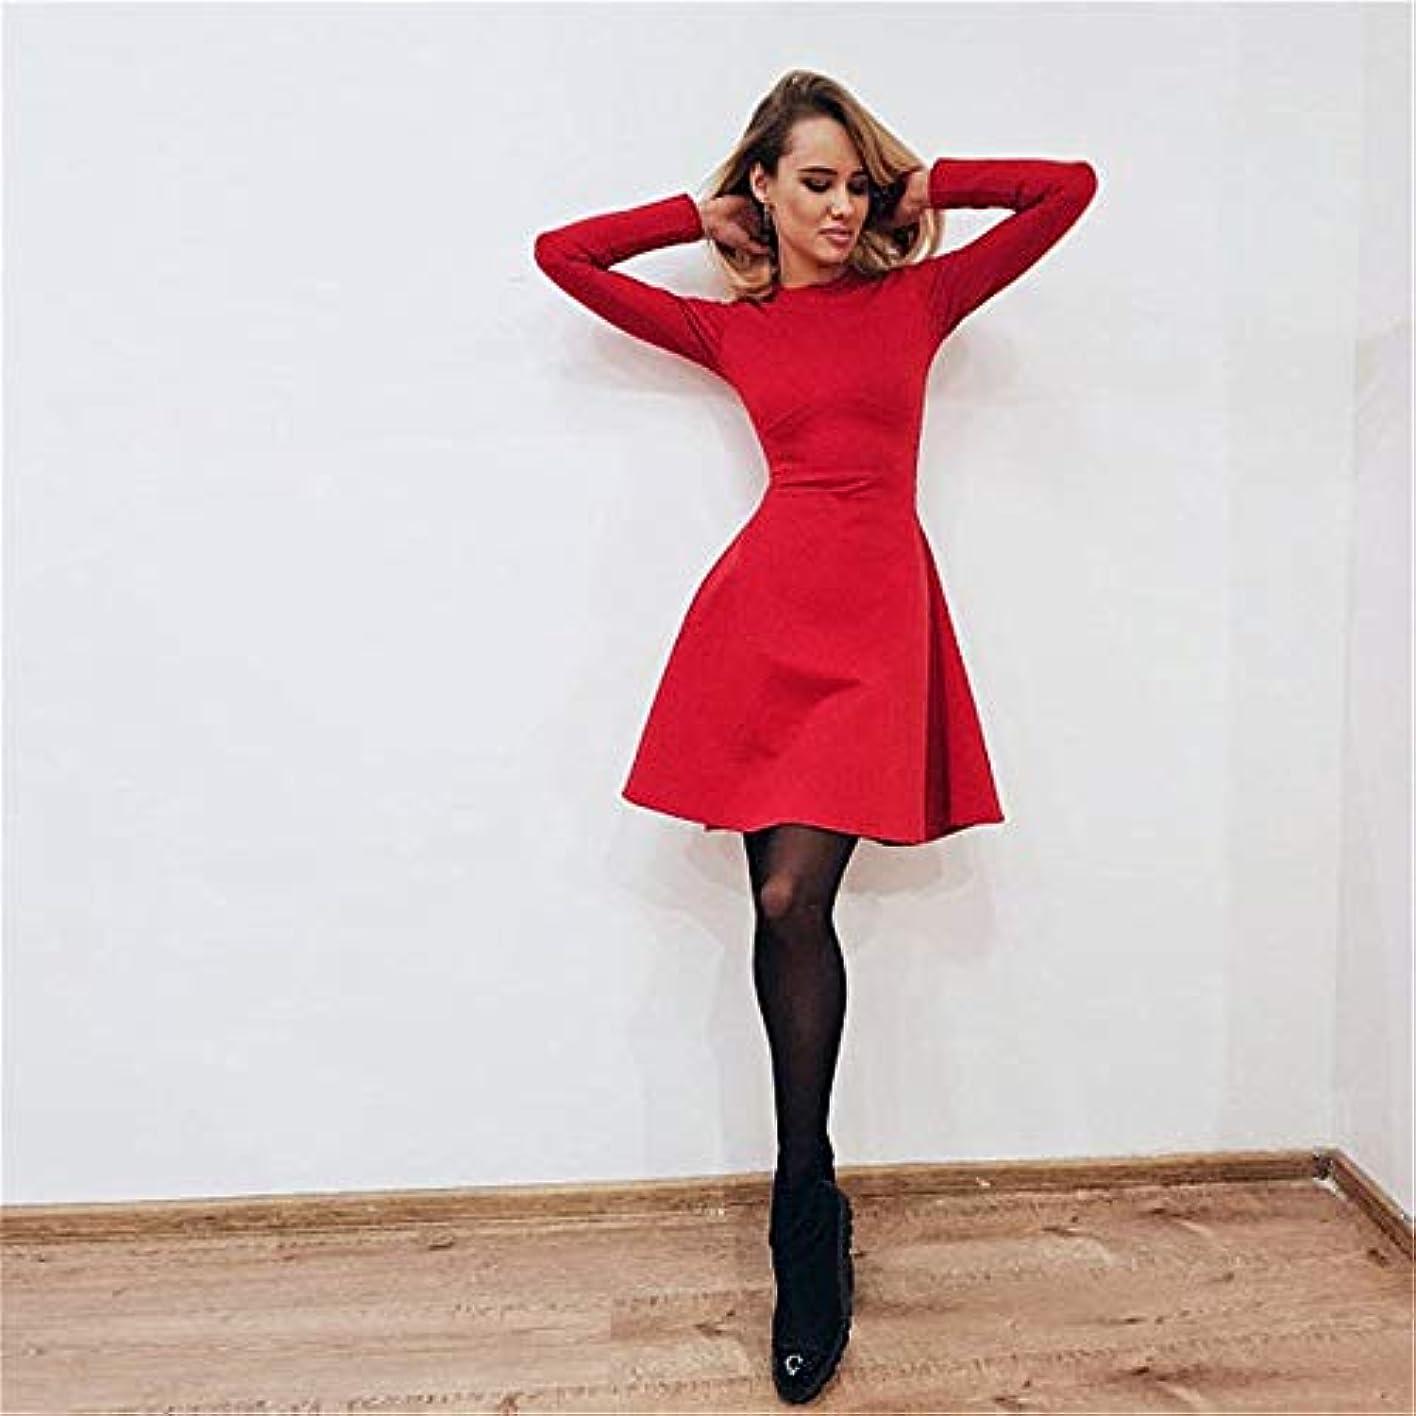 知恵問い合わせ手入れOnderroa - 秋と冬の新しい女性の長袖タイトフィットドレスの秋と冬のスリムでエレガントな品質のミニドレス